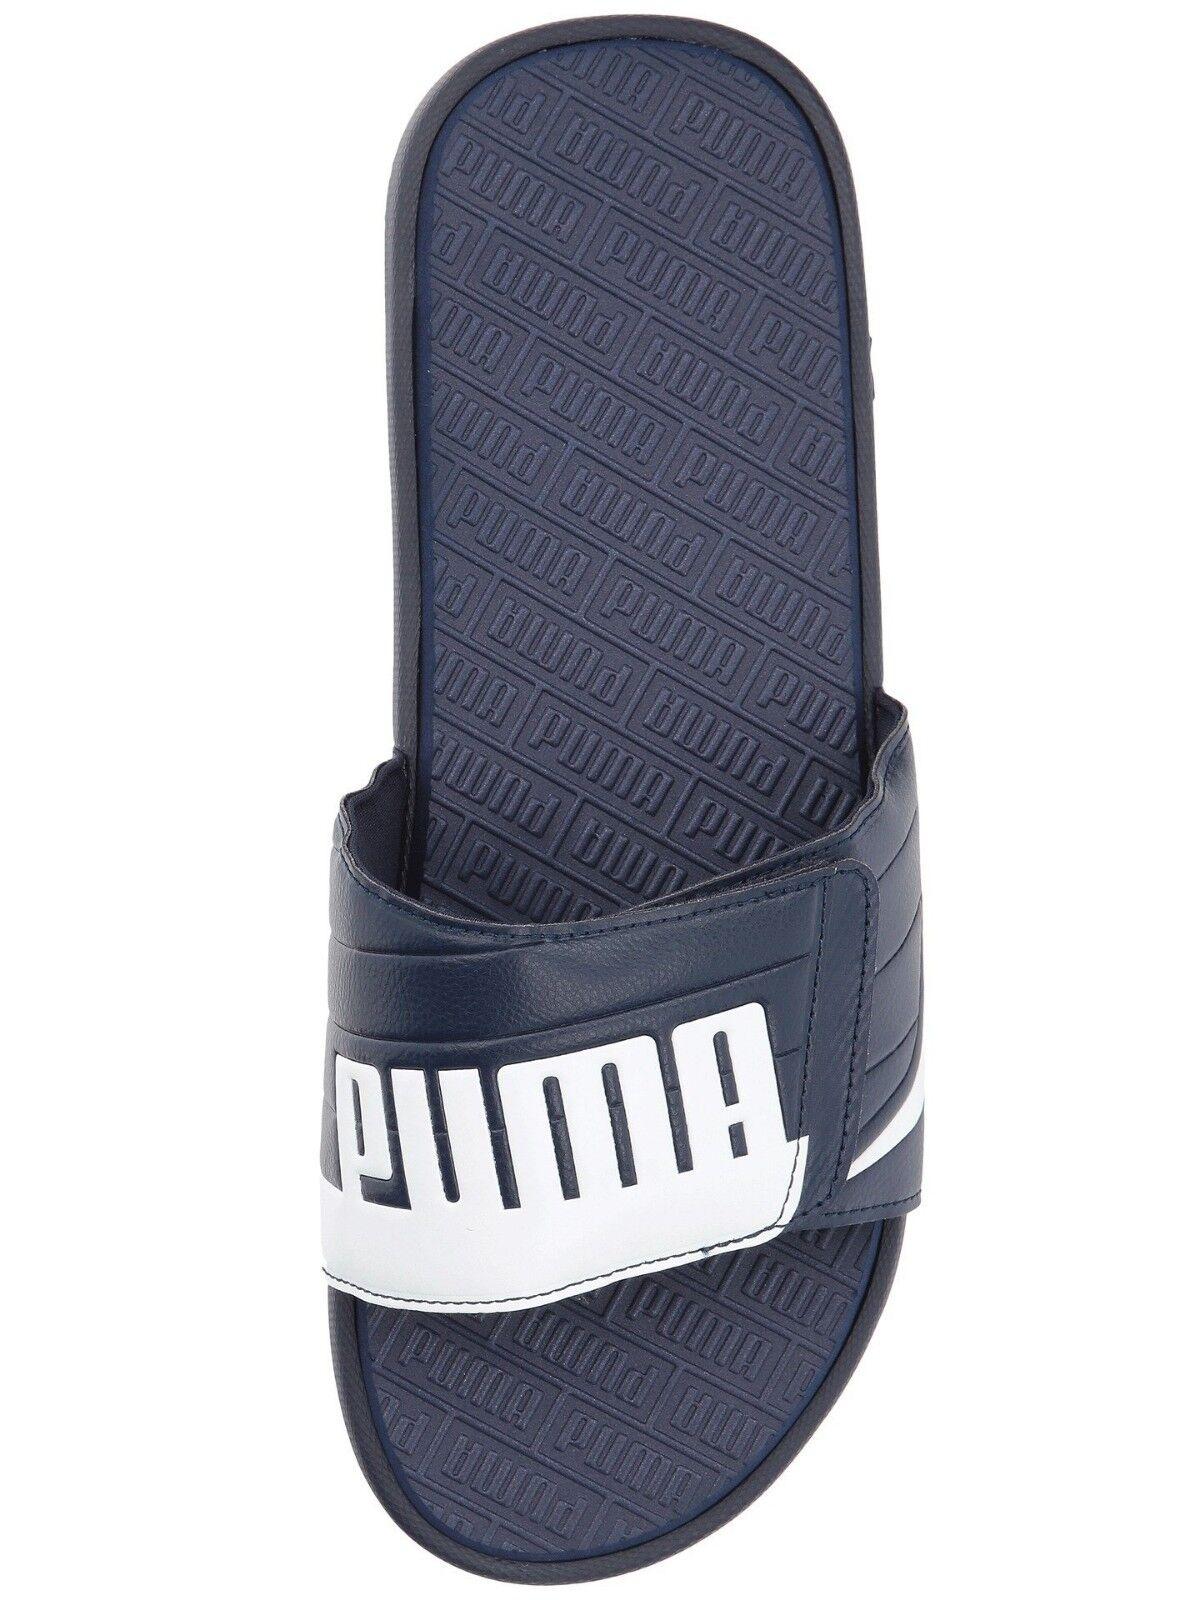 PUMA Men's Slip On Sport Slide Sandals Adjustable flip flops Slippers shoes